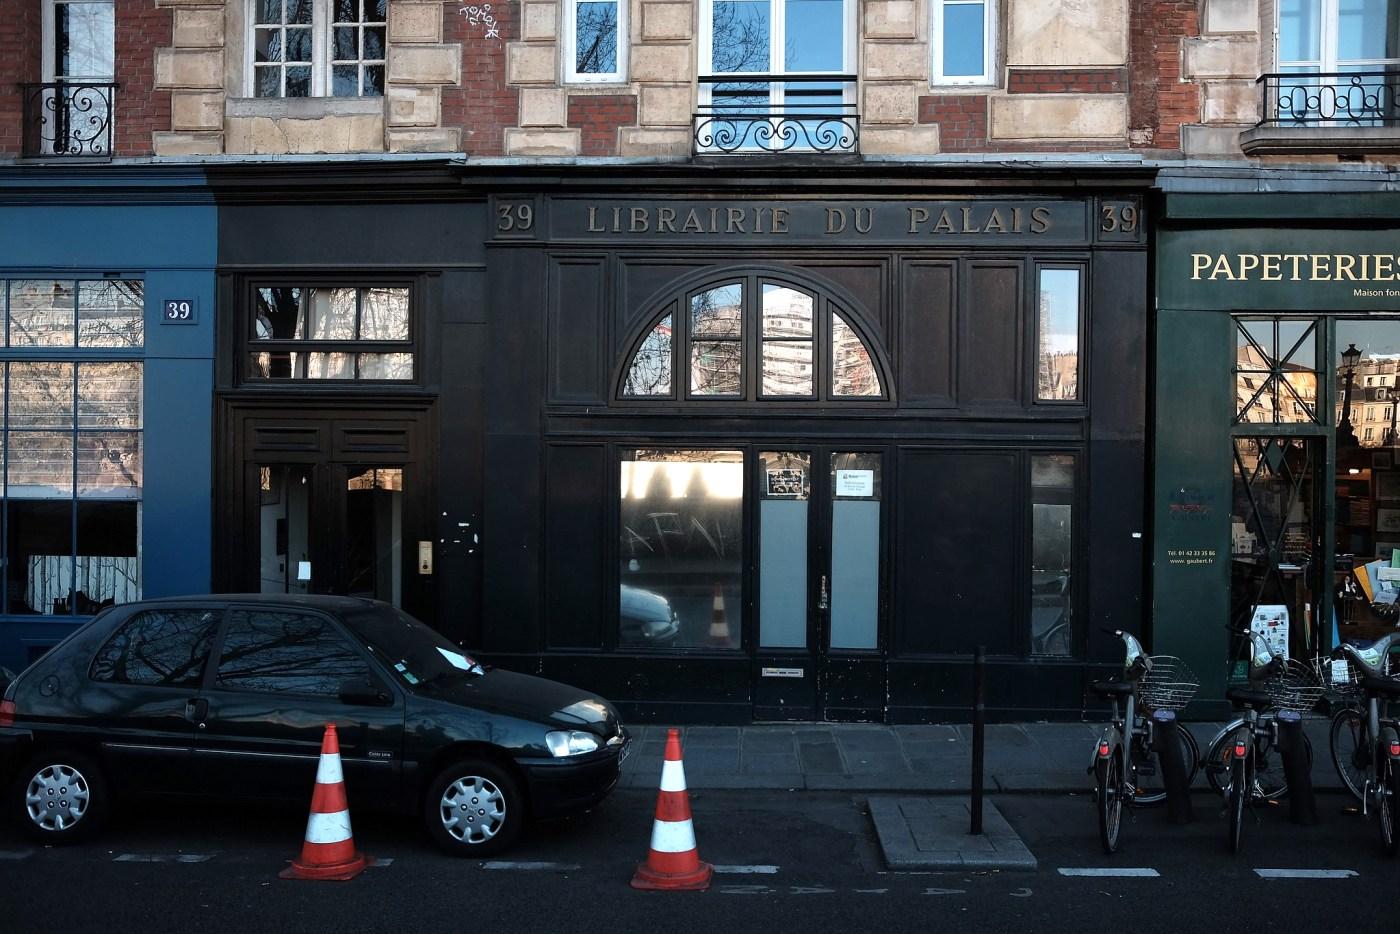 The original workshop of Abraham-Louis Breguet on the Qvai De L'Horloge in Paris